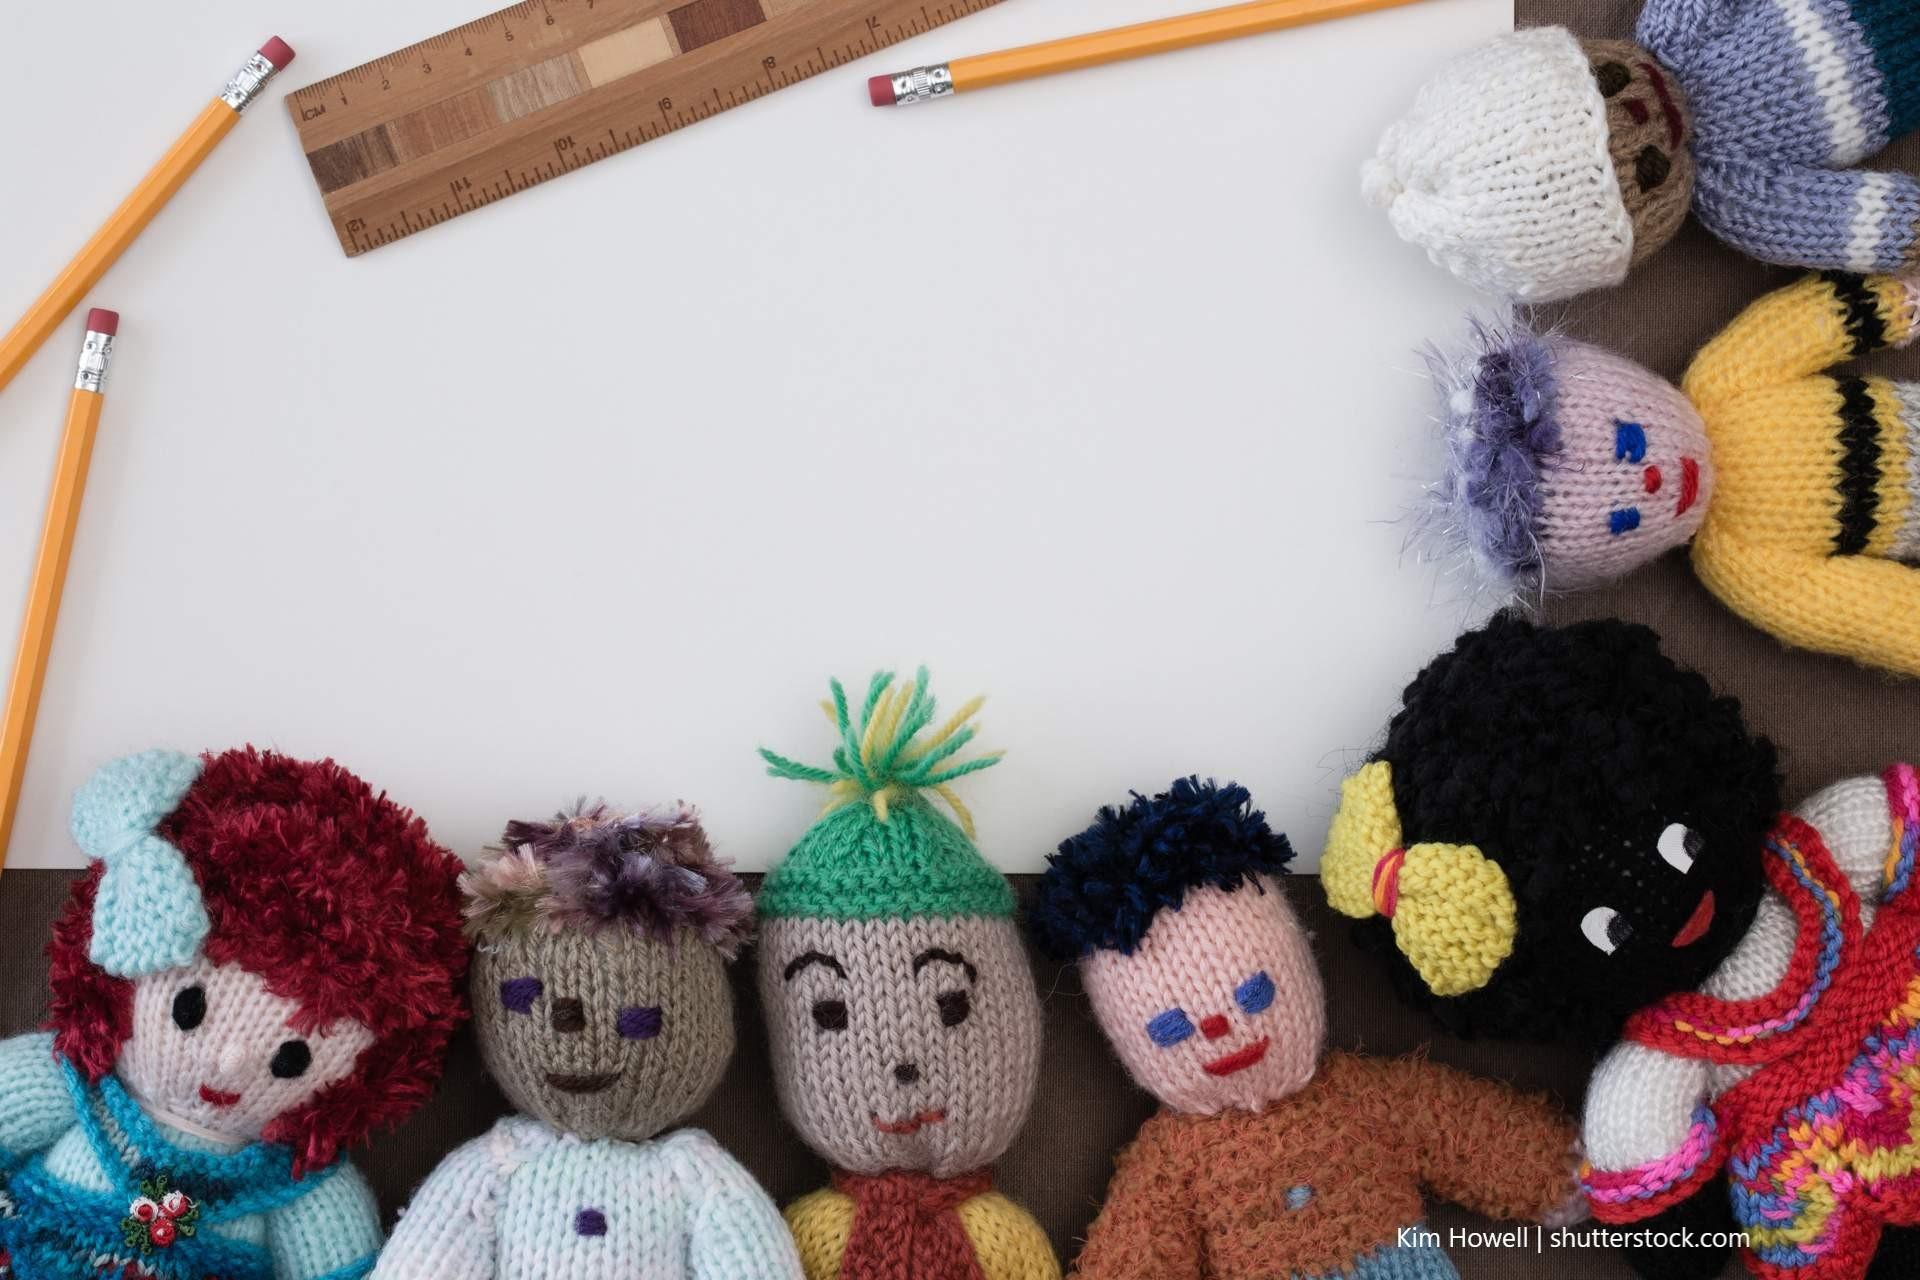 Puppen mit unterschiedlichen Haut- und Haarfarben sind wichtig als Identifikationsobjekte.